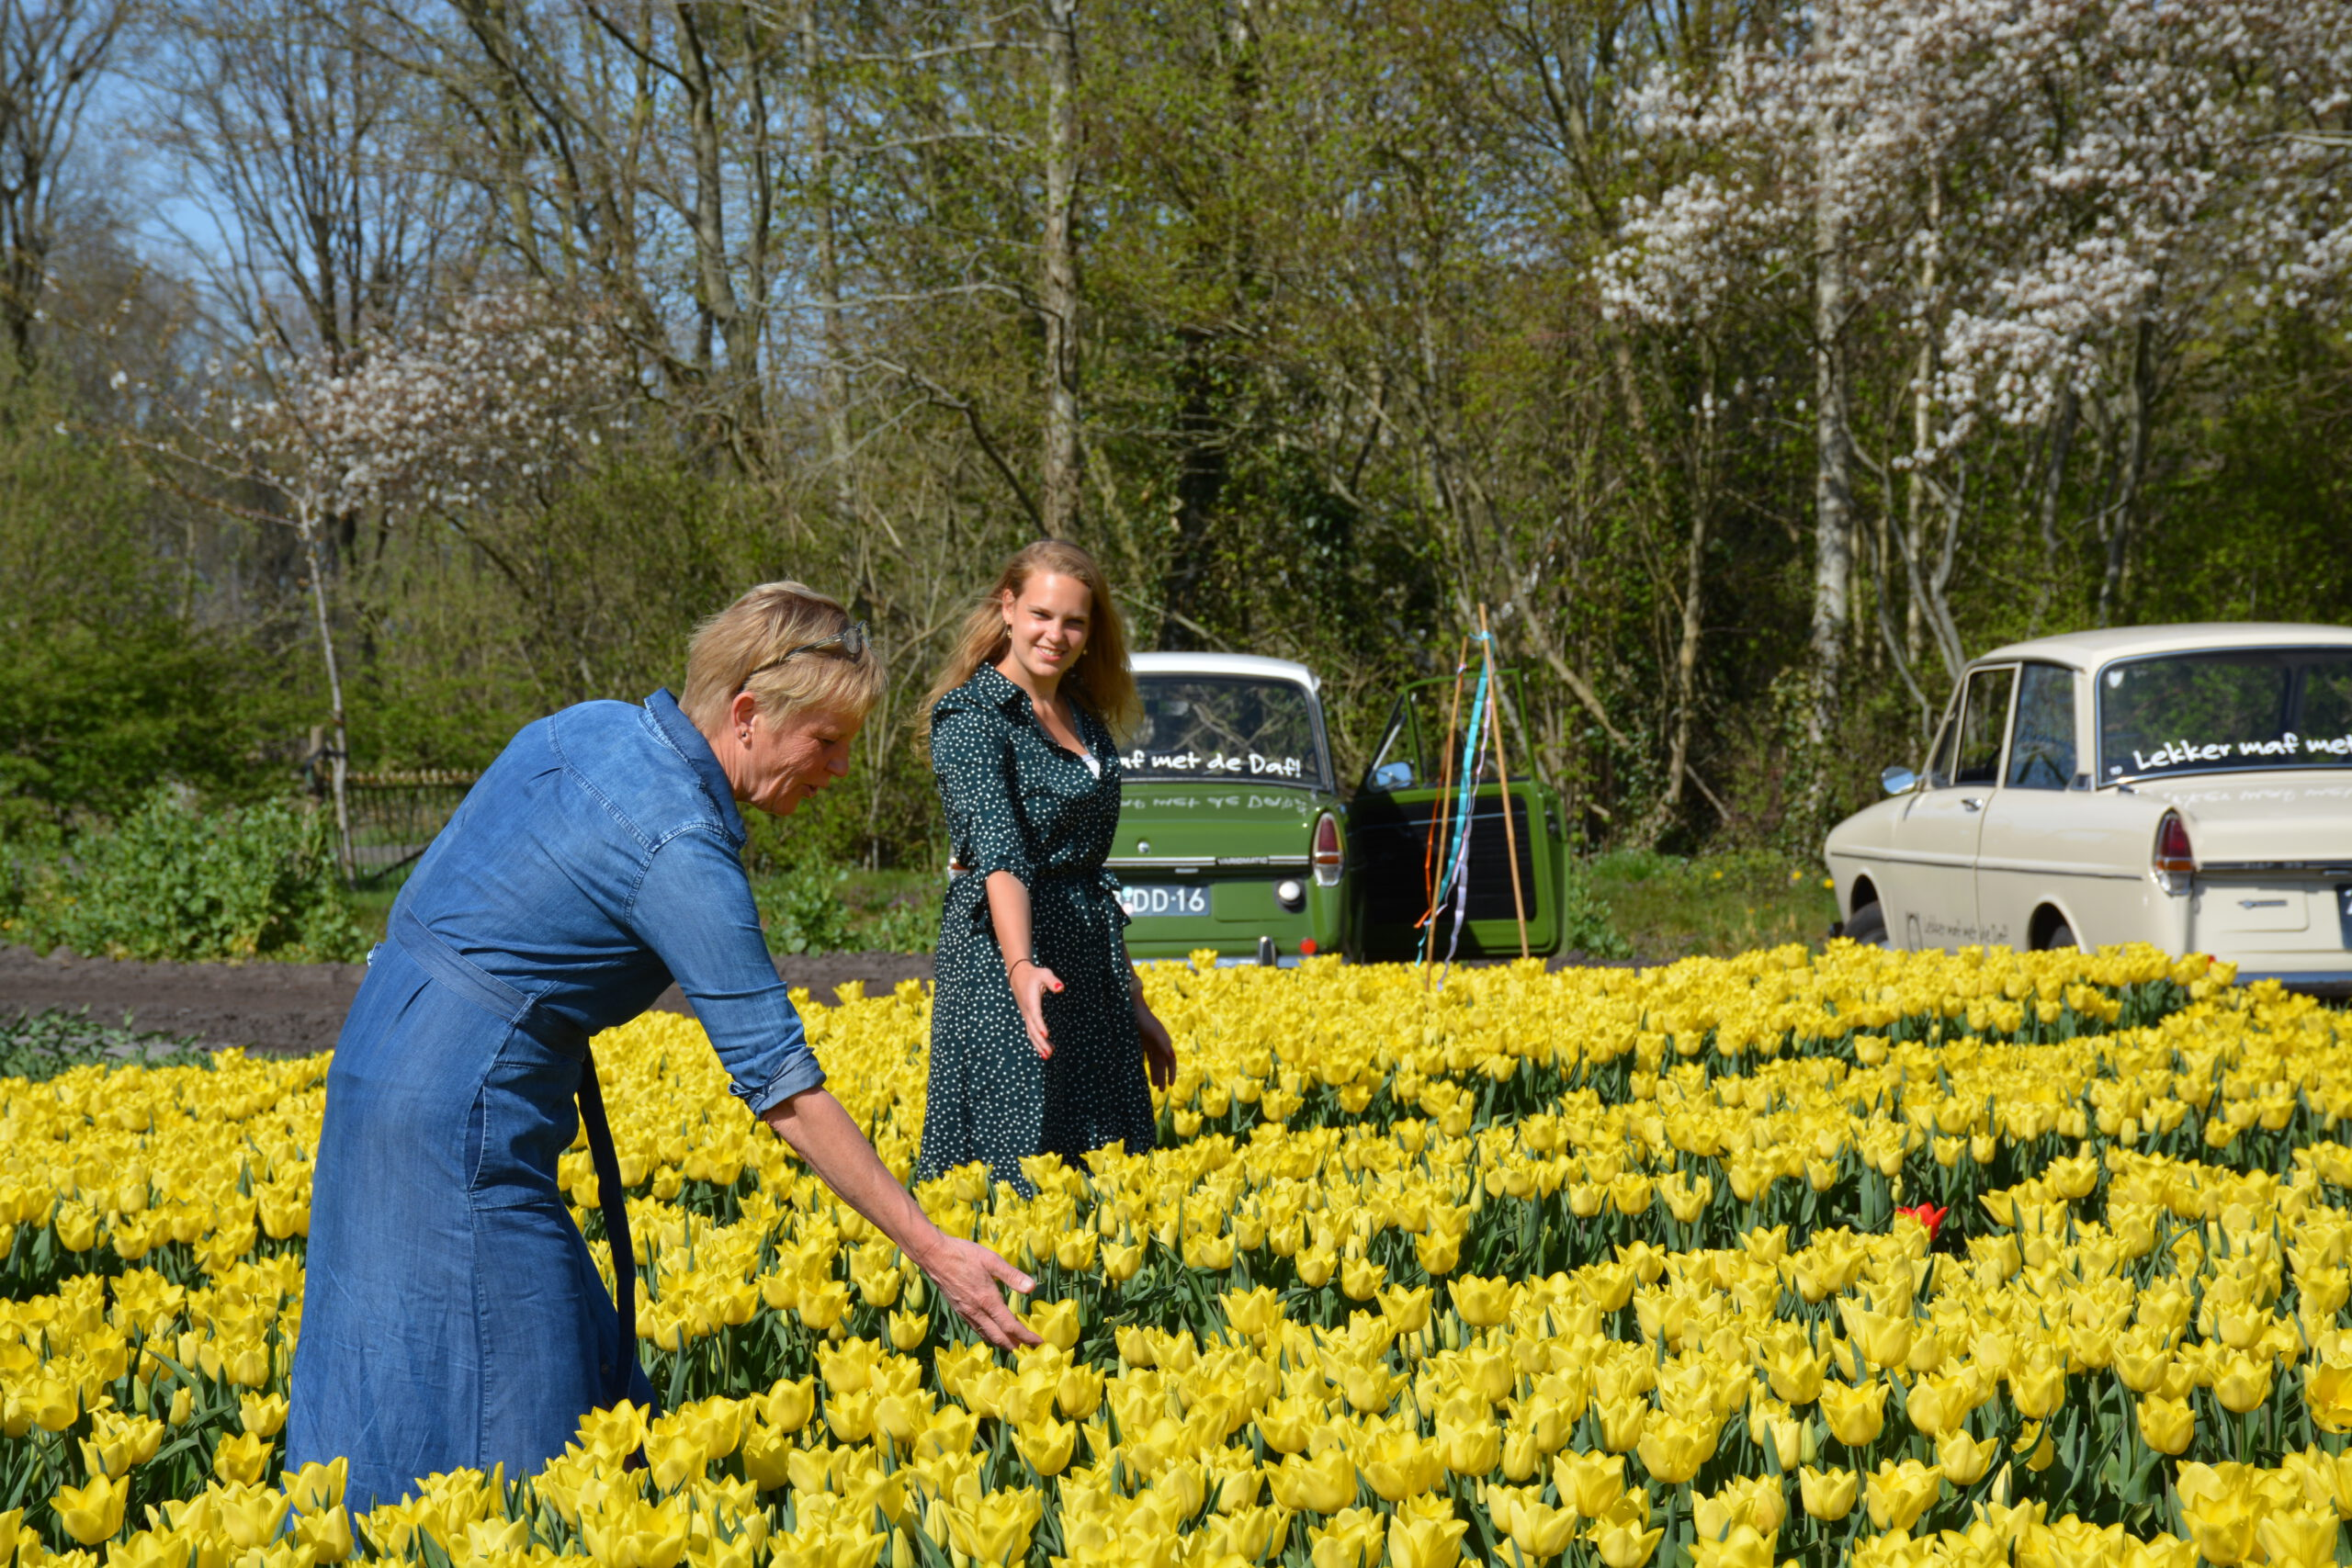 Voorjaarsuitje in Drenthe anderhalve meter scaled - Het Drents Kwartiertje - Solex Huren / Rijden - Dafje Huren / Rijden - Groepsactiviteiten, workshops, teambuilding en trainingen Drenthe